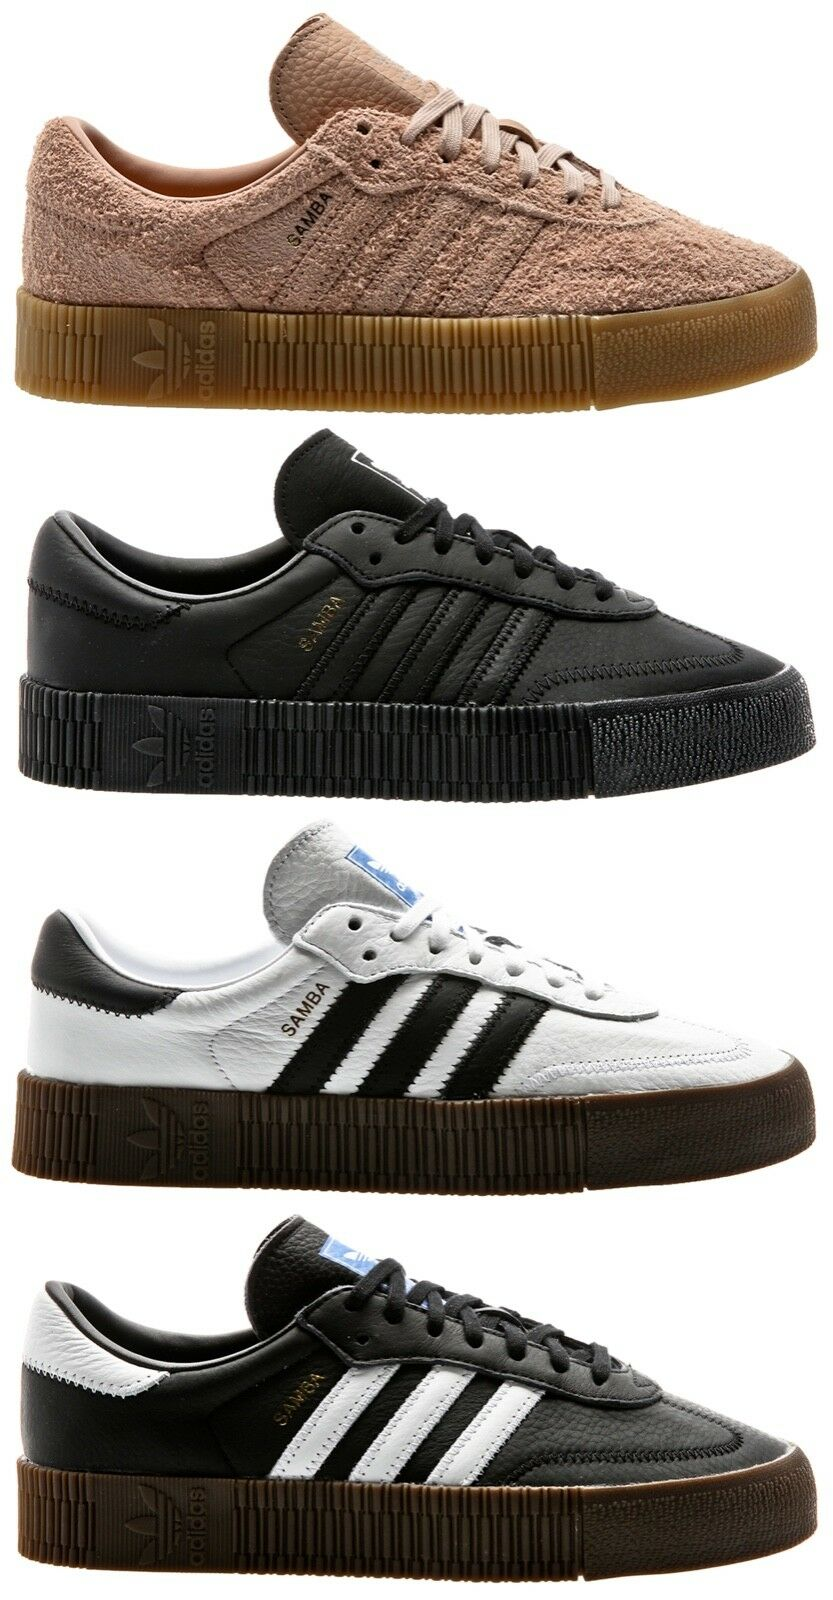 Adidas Originals sambarose W femmes baskets Chaussures femmes chaussures